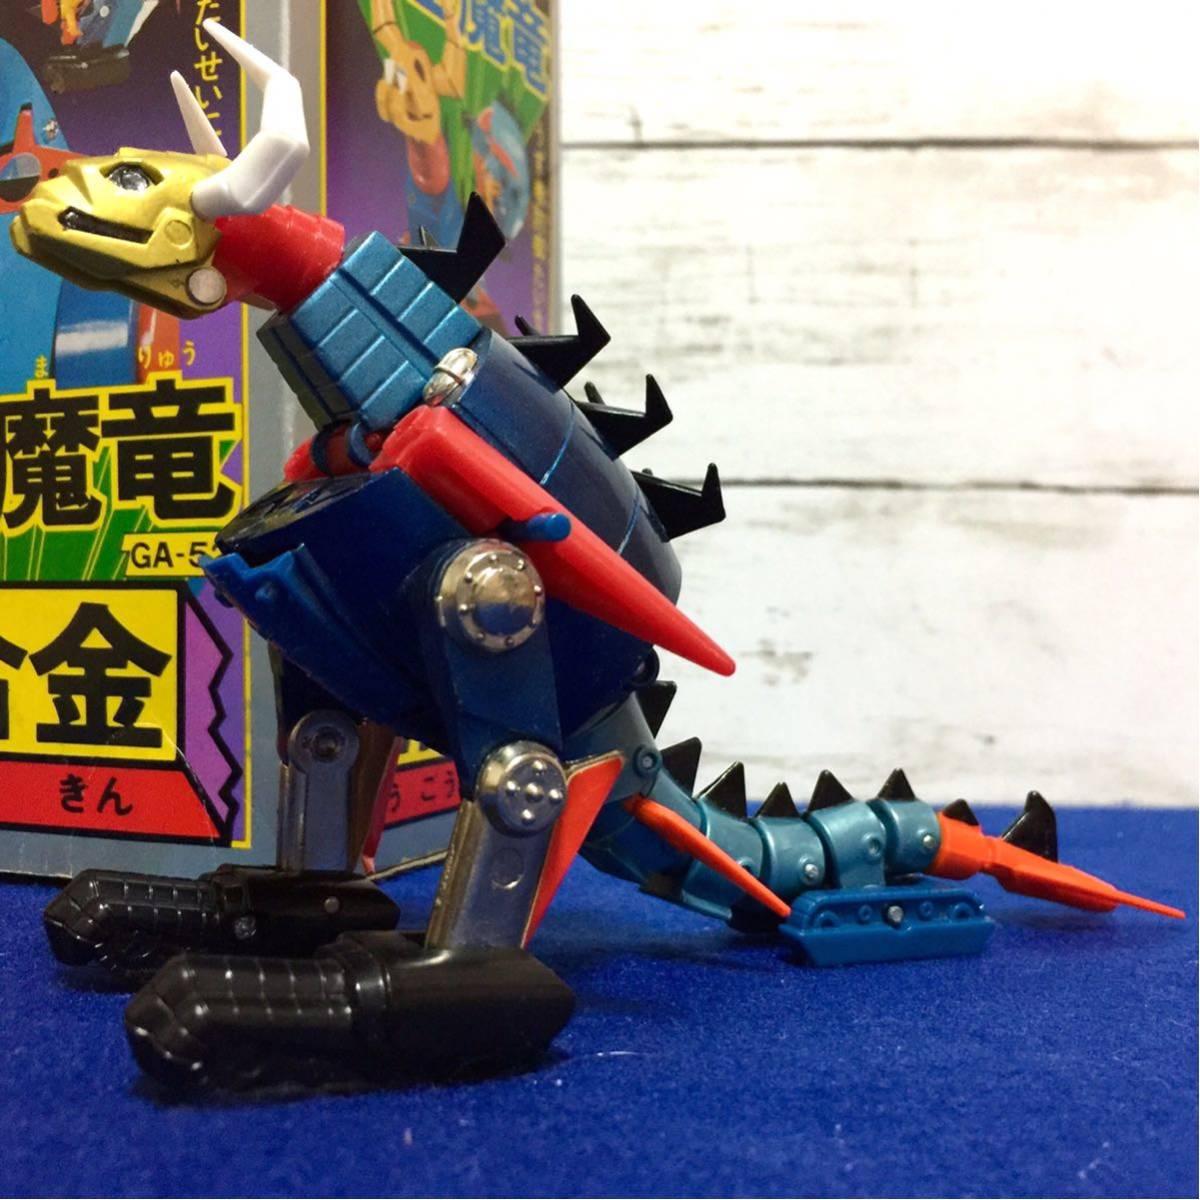 ポピー 大空魔竜ガイキング 超合金 大空魔竜 GA-52 昭和当時もの 昭和アニメヒーロー タカトク バンダイ フィギュア _画像7